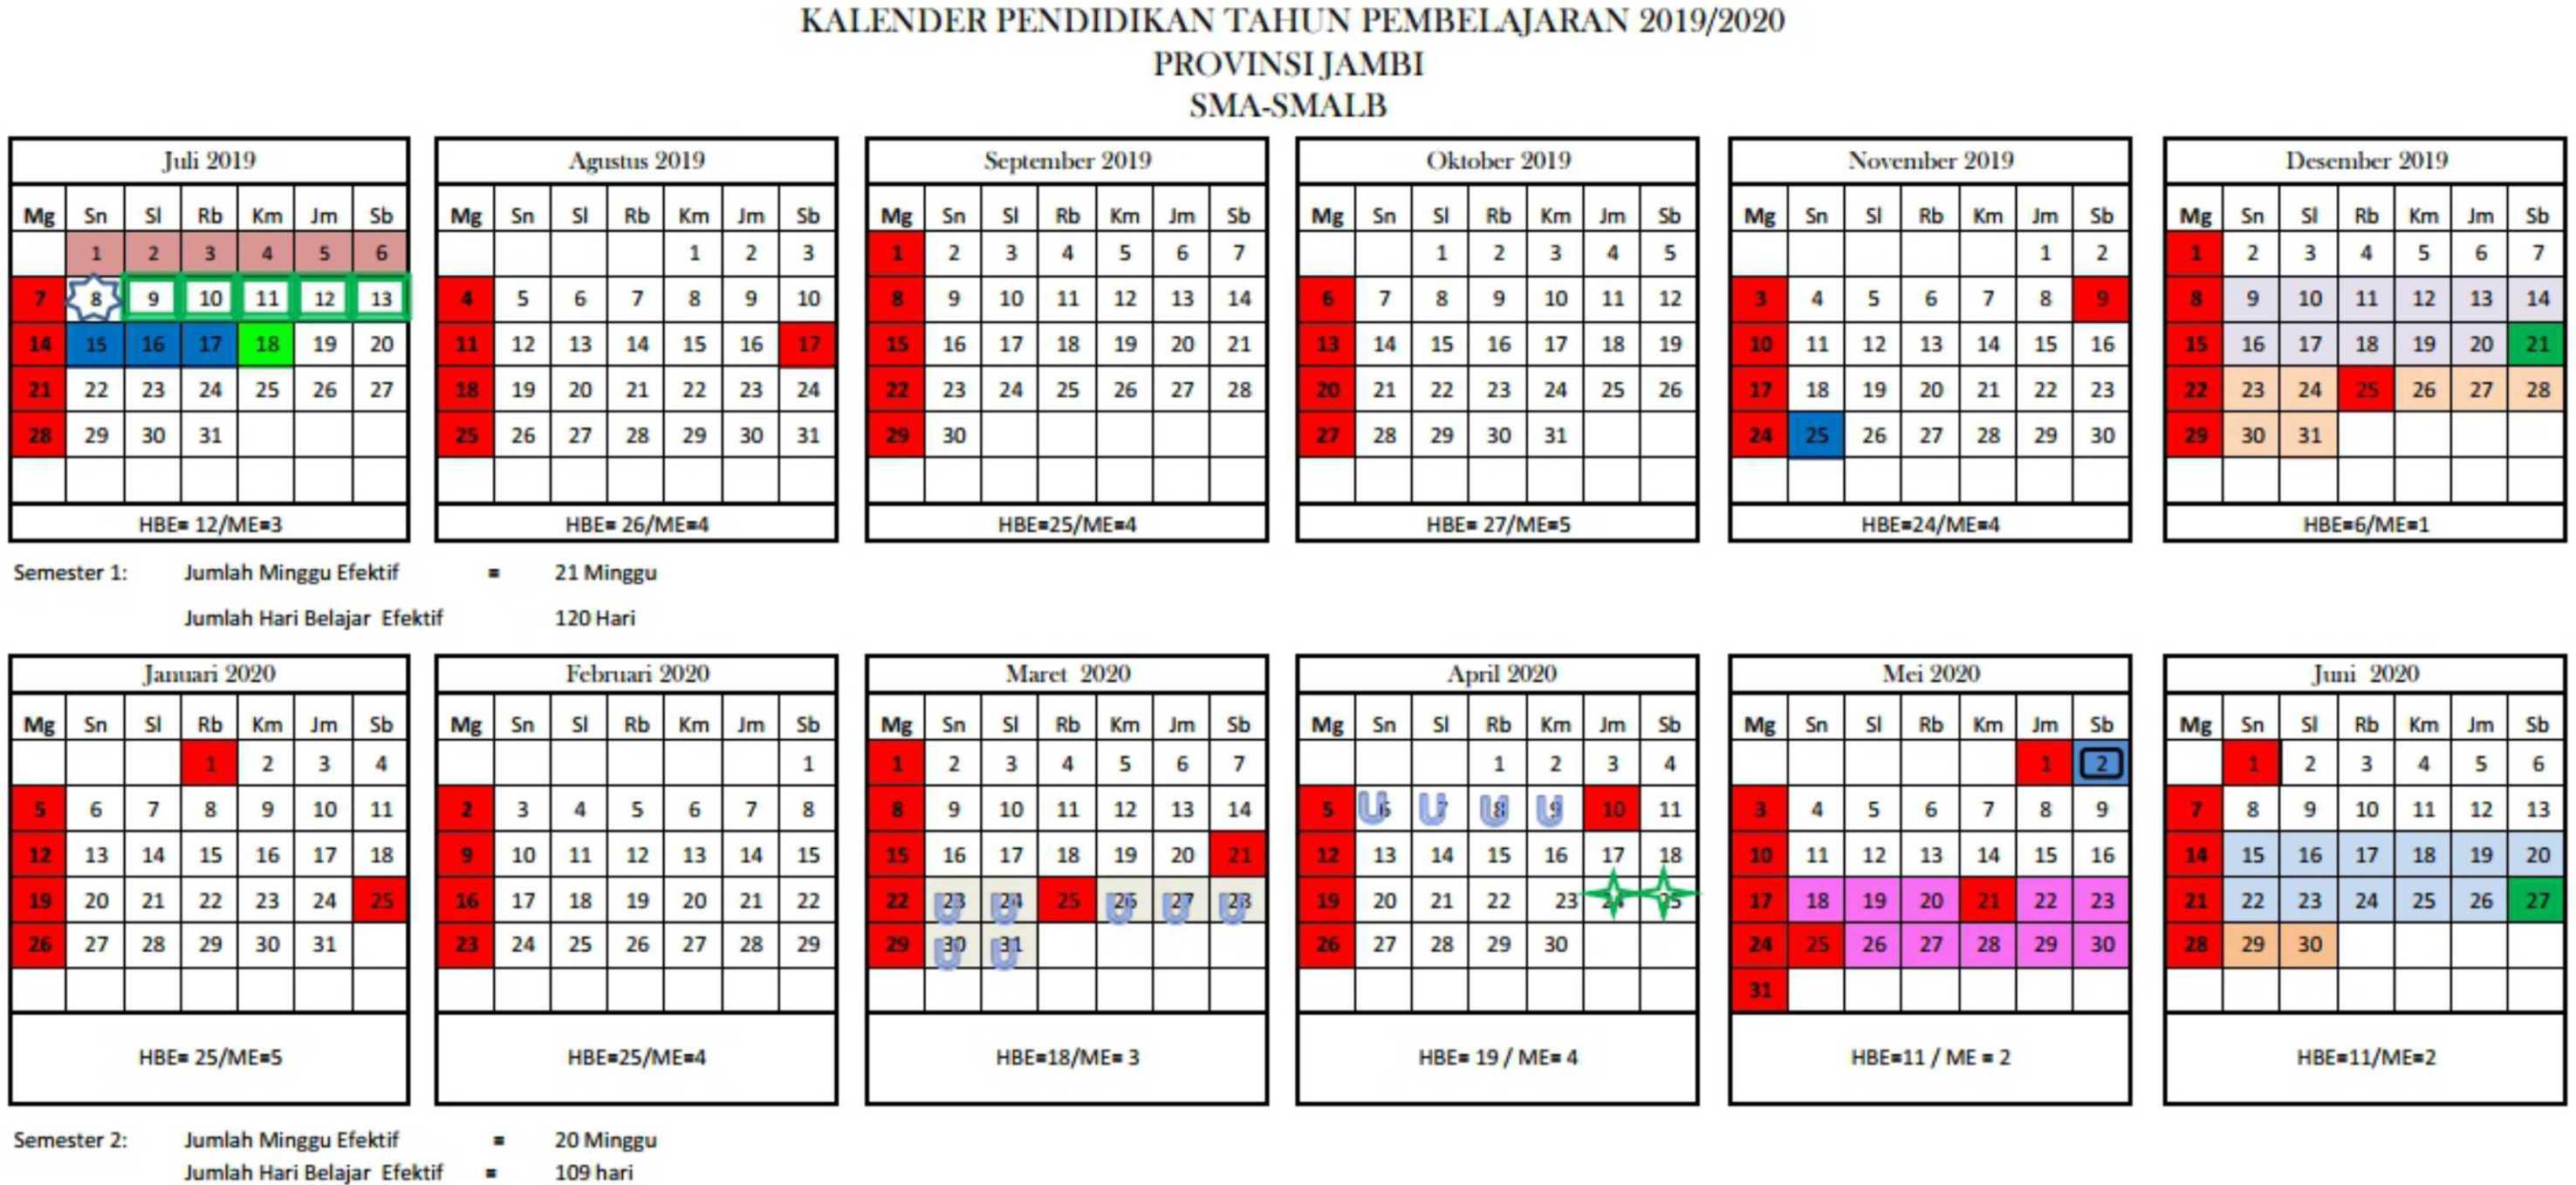 kalender pendidikan tahun pembelajaran 2019-2020 provinsi jambi SMA-SMALB